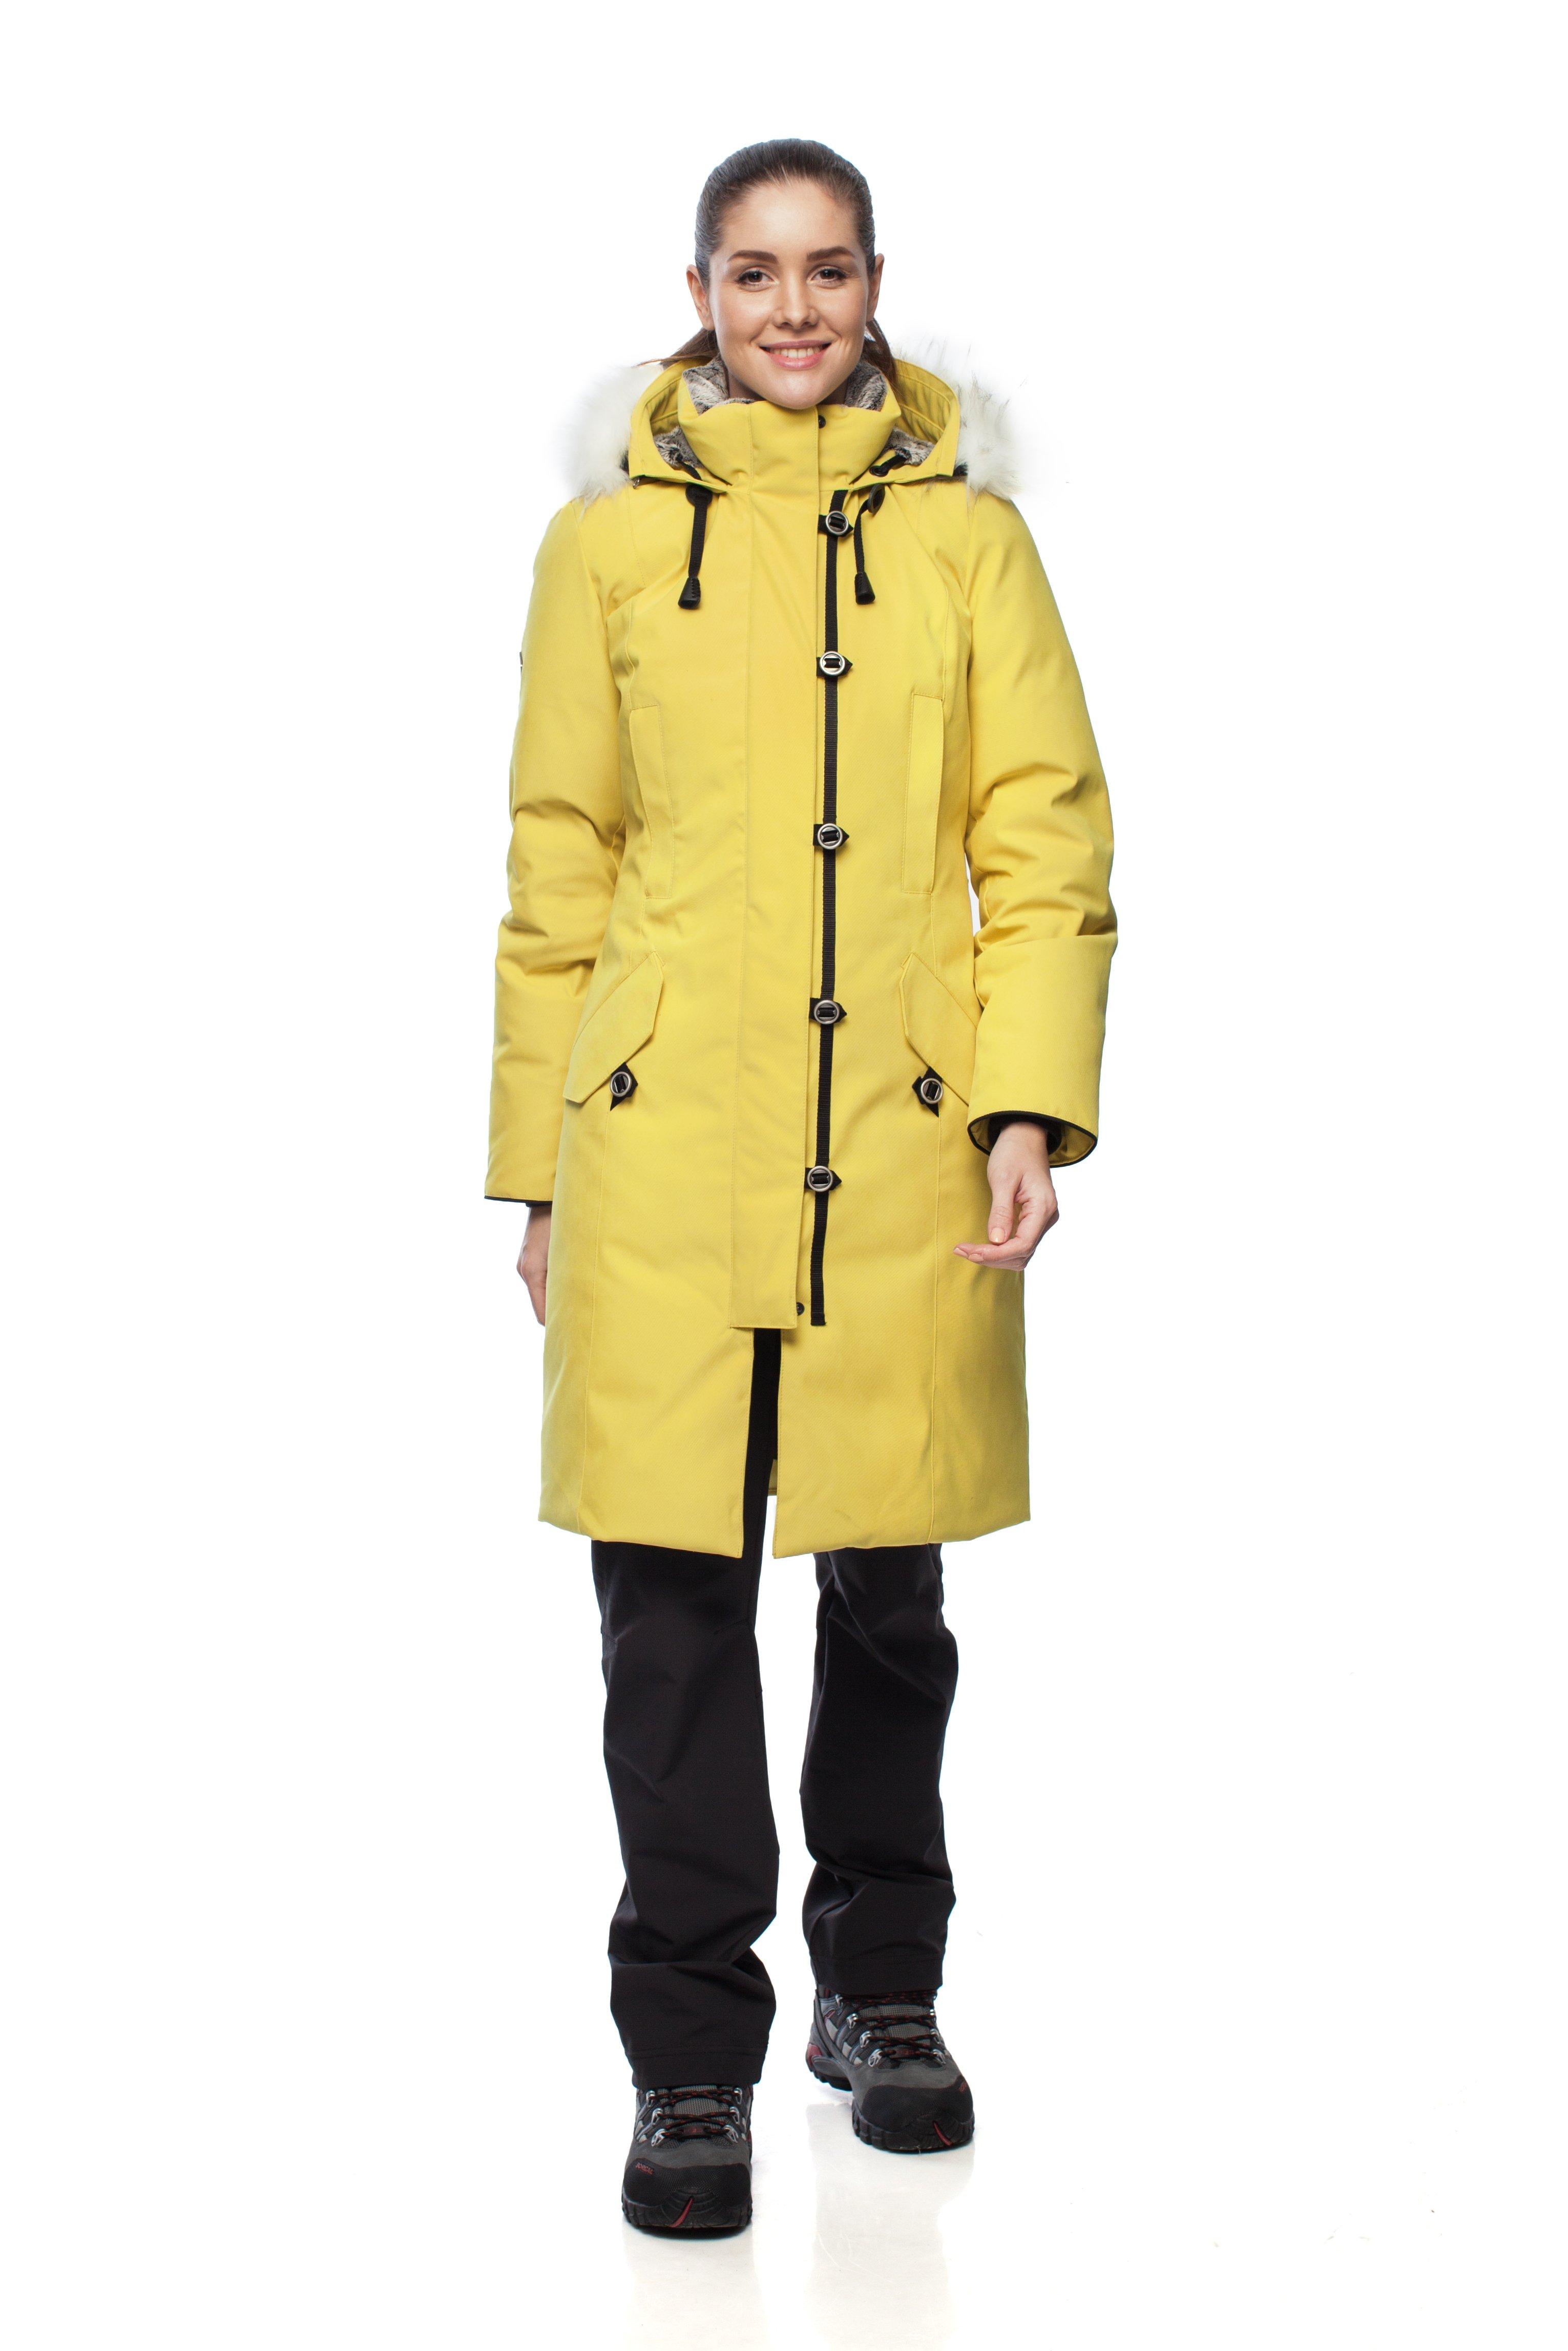 Пуховое пальто BASK HATANGA LADY 1464Пуховое женское пальто с мембранной тканью из серии &amp;laquo;За Полярным Кругом&amp;raquo;<br><br>&quot;Дышащие&quot; свойства: Да<br>Верхняя ткань: Advance®Alaska<br>Вес граммы: 1720<br>Вес утеплителя: 550<br>Ветро-влагозащитные свойства верхней ткани: Да<br>Ветрозащитная планка: Да<br>Ветрозащитная юбка: Нет<br>Влагозащитные молнии: Нет<br>Внутренние манжеты: Да<br>Внутренняя ткань: Advance® Classic<br>Водонепроницаемость: 5000<br>Дублирующий центральную молнию клапан: Да<br>Защитный козырёк капюшона: Нет<br>Капюшон: Несъемный<br>Карман для средств связи: Нет<br>Количество внешних карманов: 4<br>Количество внутренних карманов: 2<br>Коллекция: Pole to Pole<br>Мембрана: Да<br>Объемный крой локтевой зоны: Да<br>Отстёгивающиеся рукава: Нет<br>Паропроницаемость: 5000<br>Показатель Fill Power (для пуховых изделий): 650<br>Пол: Женский<br>Проклейка швов: Нет<br>Регулировка манжетов рукавов: Нет<br>Регулировка низа: Нет<br>Регулировка объёма капюшона: Да<br>Регулировка талии: Да<br>Регулируемые вентиляционные отверстия: Нет<br>Температурный режим: -25<br>Технология Thermal Welding: Нет<br>Технология швов: Простые<br>Тип молнии: Двухзамковая<br>Тип утеплителя: Натуральный<br>Ткань усиления: Нет<br>Усиление контактных зон: Нет<br>Утеплитель: Гусиный пух<br>Размер RU: 42<br>Цвет: КРАСНЫЙ